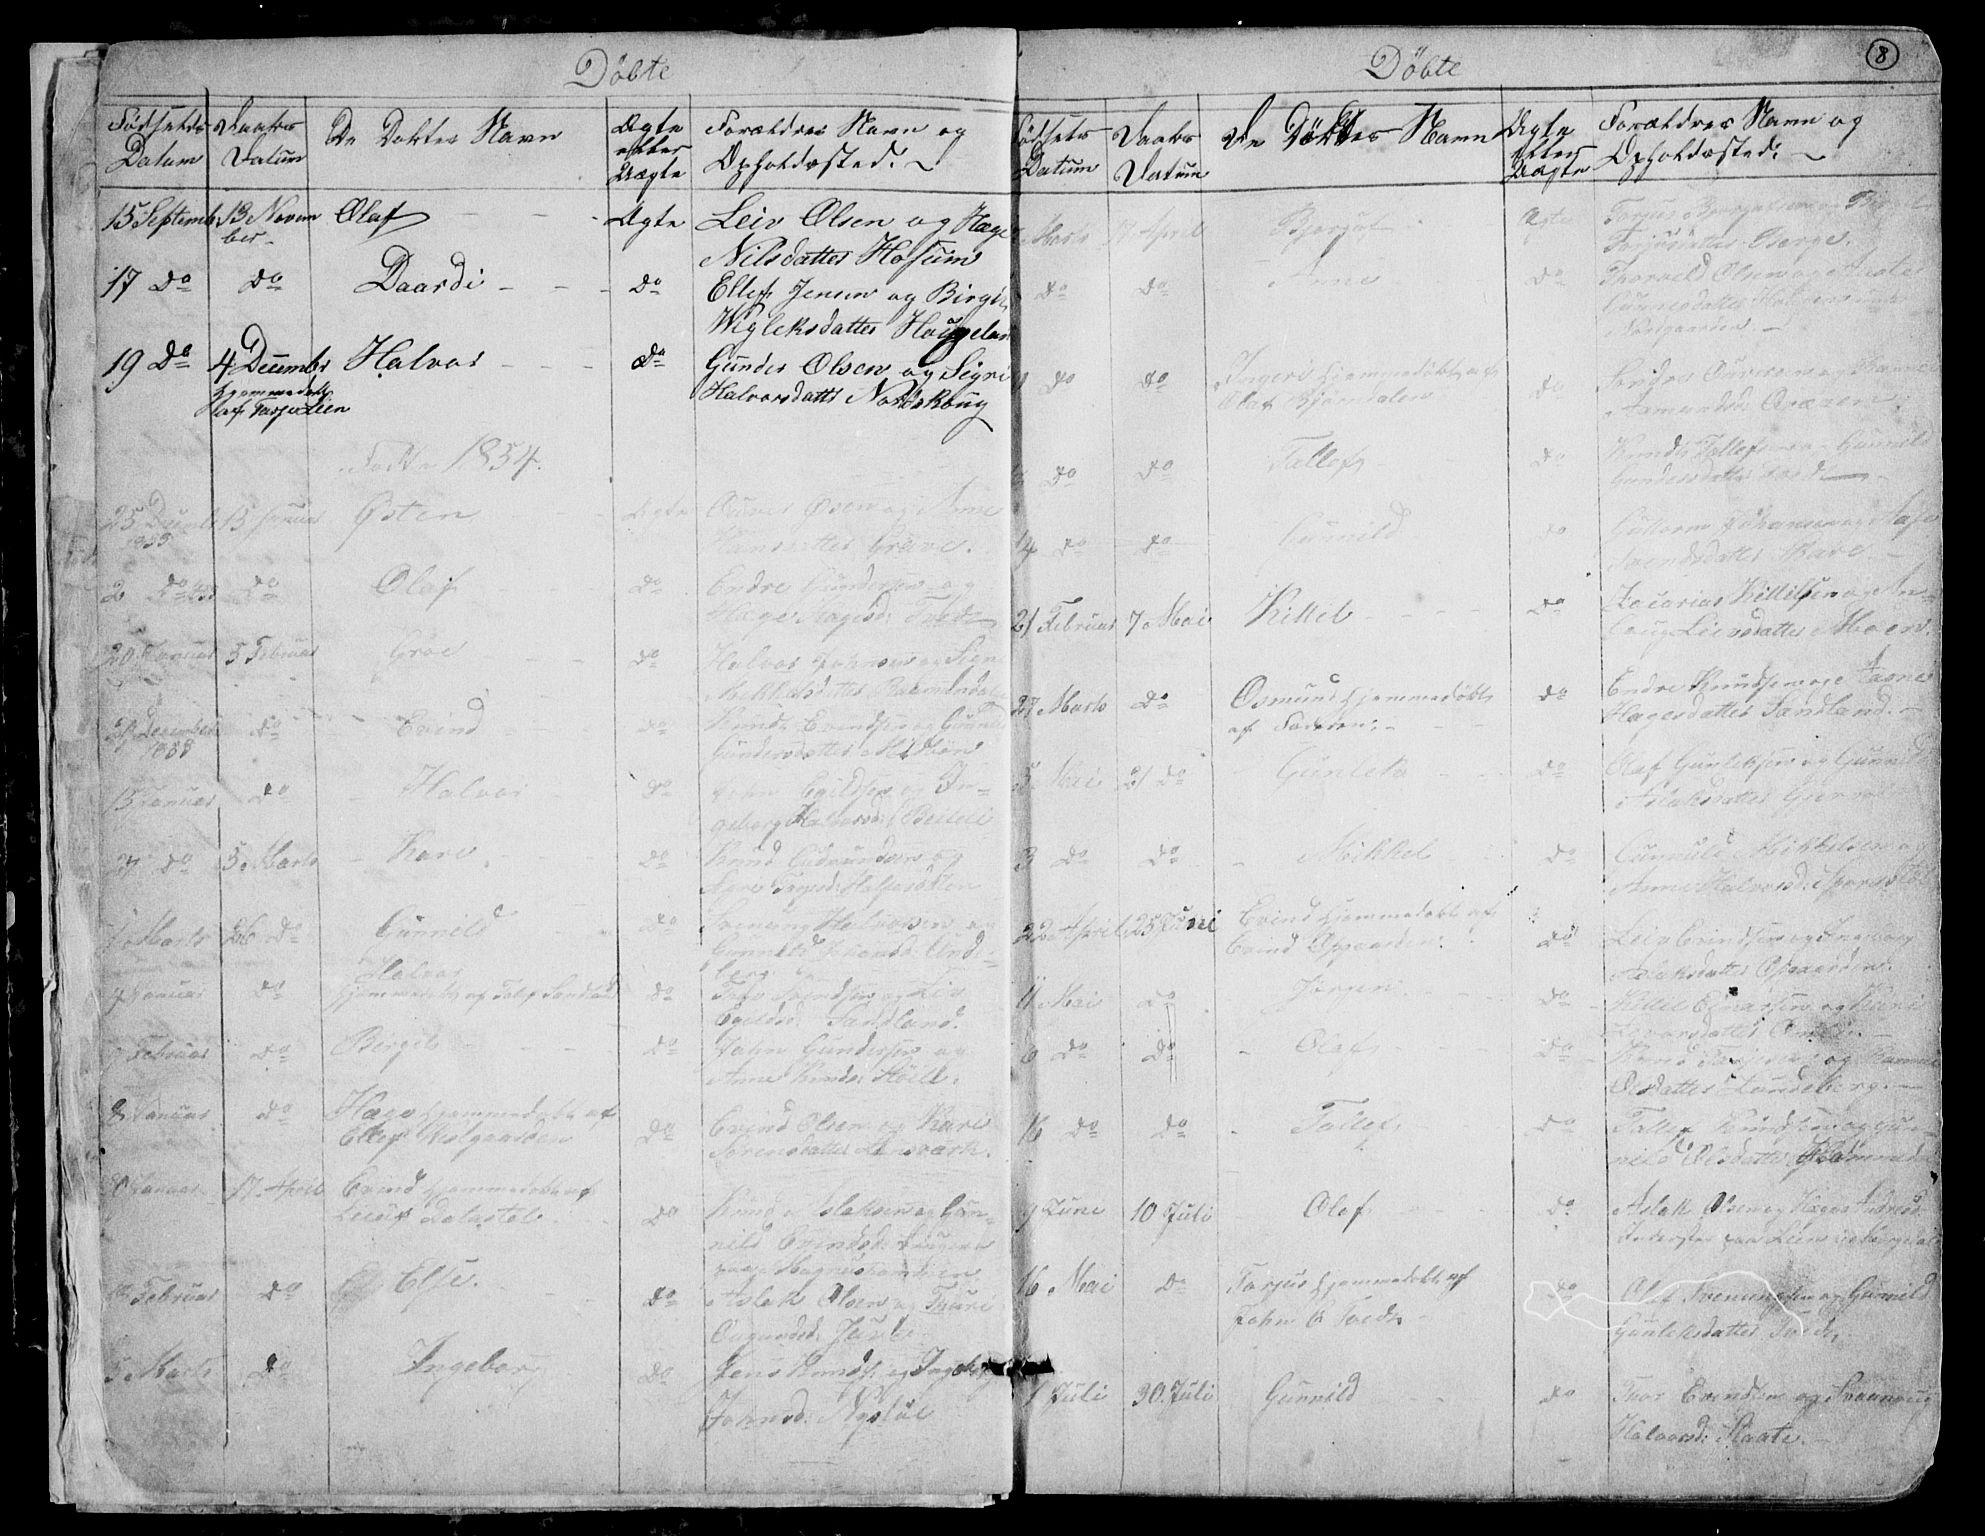 SAKO, Kviteseid kirkebøker, G/Gb/L0002: Klokkerbok nr. II 2, 1850-1892, s. 8